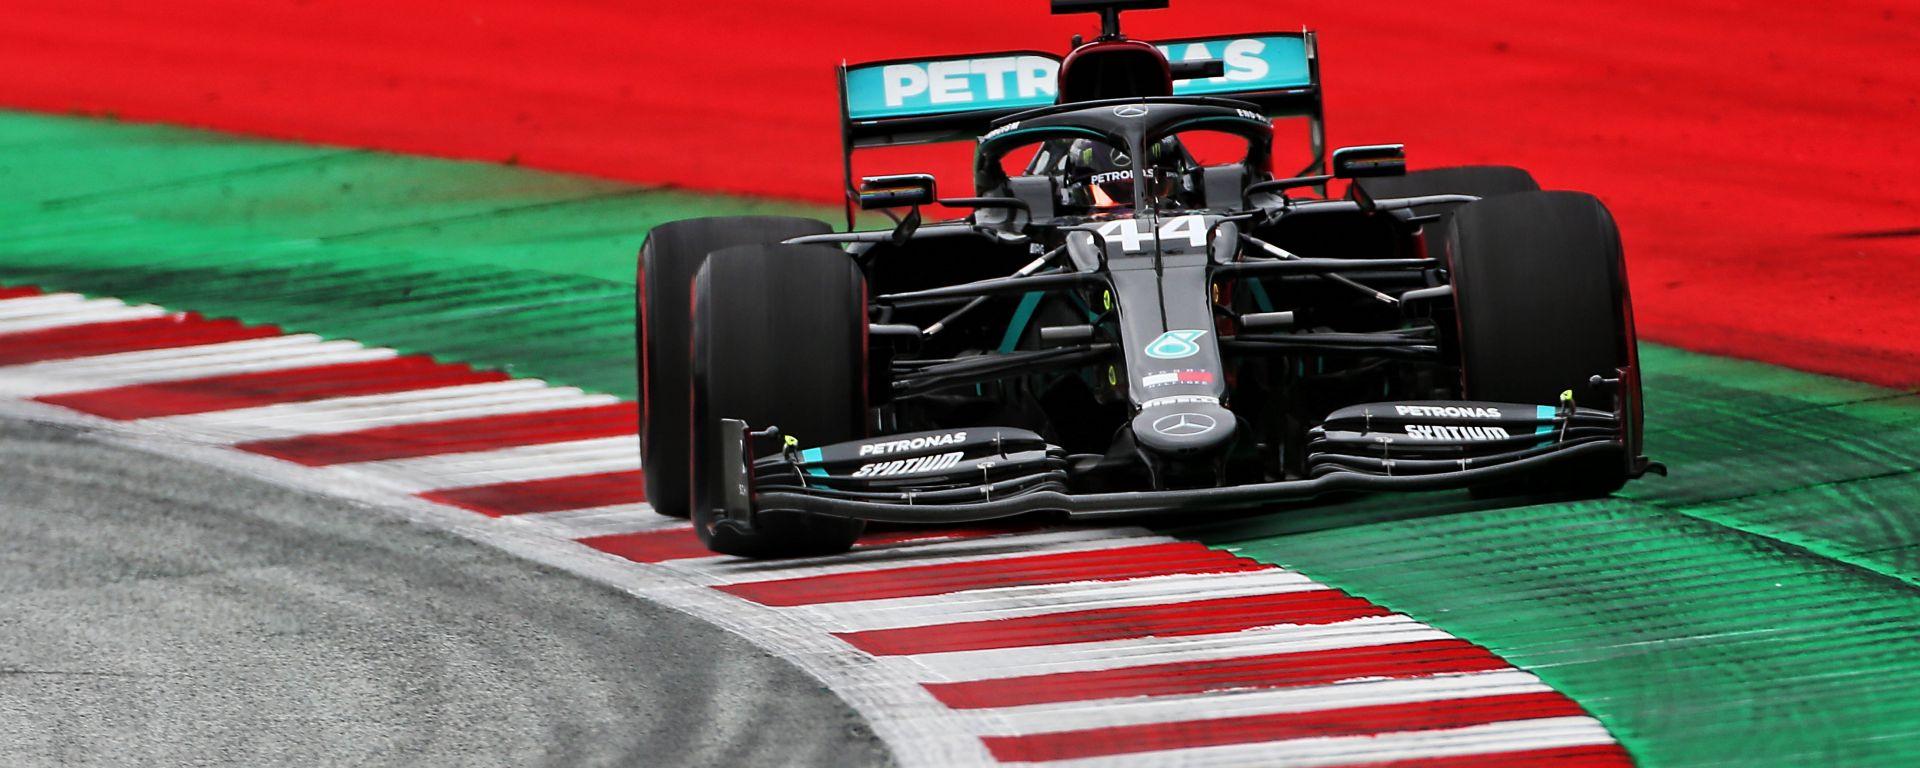 F1 GP Austria 2020, Red Bull Ring: Lewis Hamilton (Mercedes) è il più veloce nelle PL1